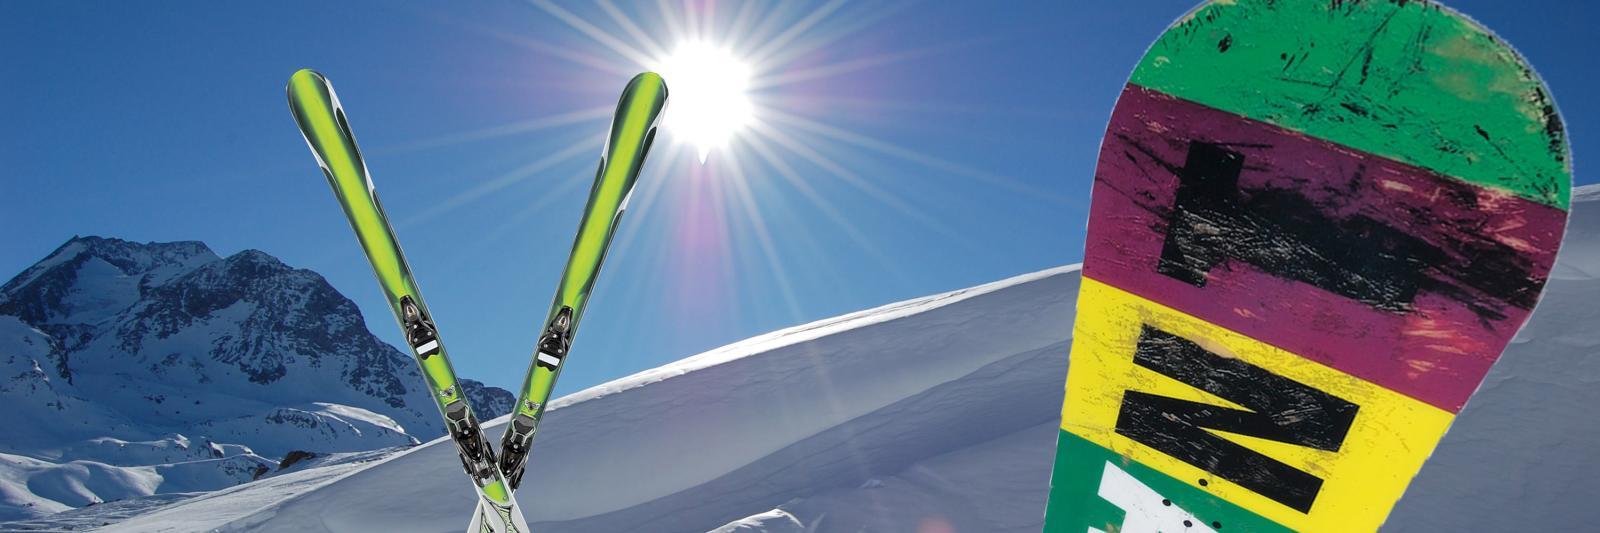 Transferpapiere für Sublimation auf harte Substrate - schneebedeckte Berge, strahlender Sonnenschein, Skier und Snowboard stehen im Schnee